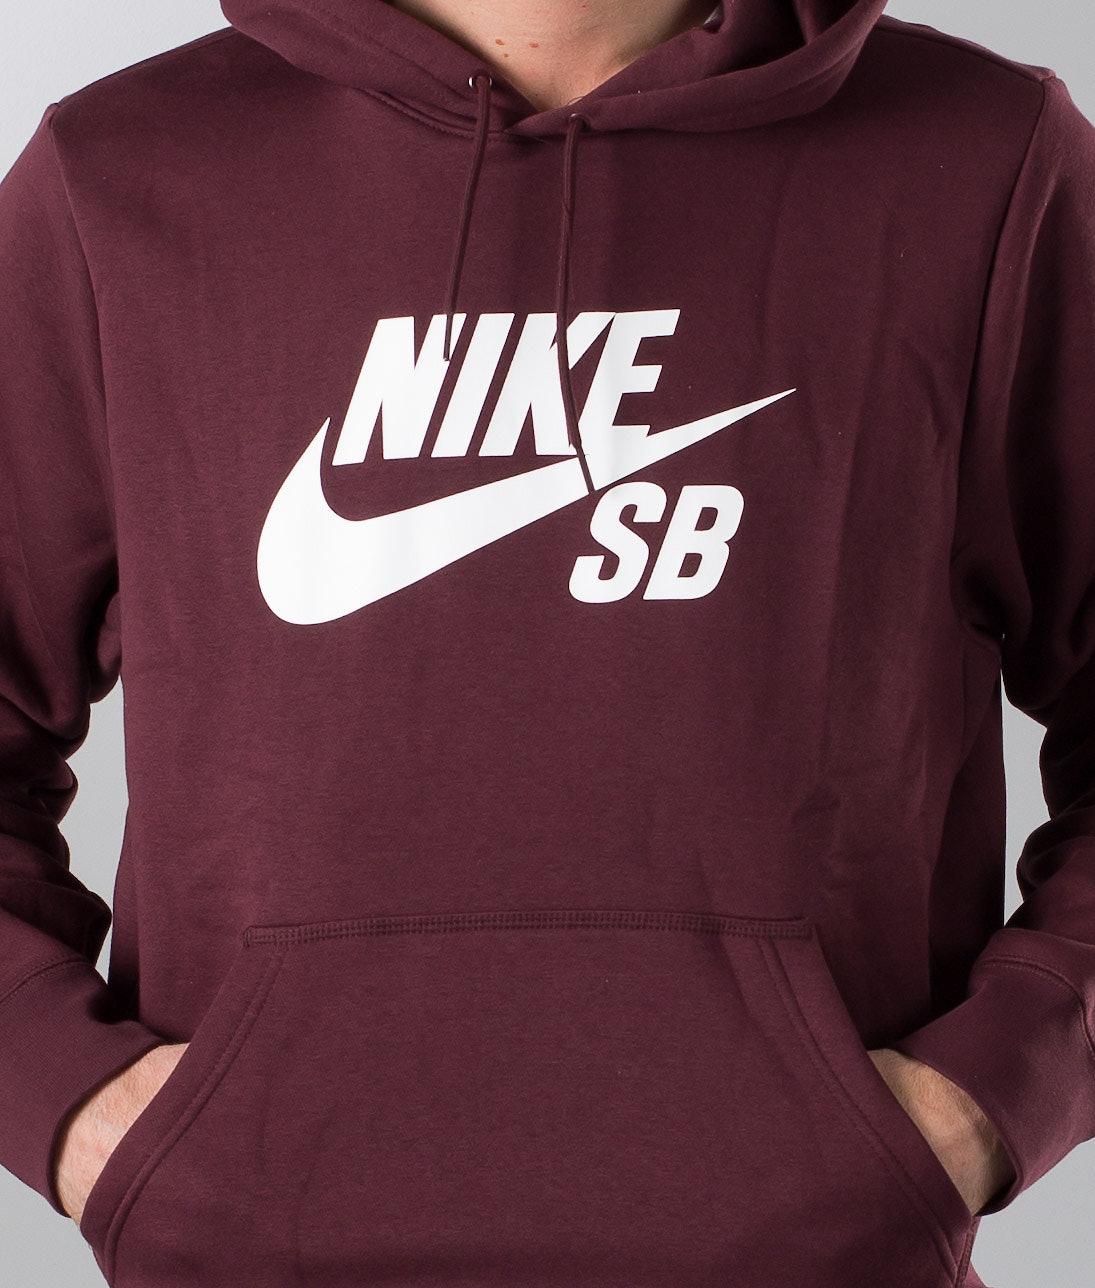 a88eb74747178 Nike Sb Icon Hoodie Burgundy Crush/White - Ridestore.com